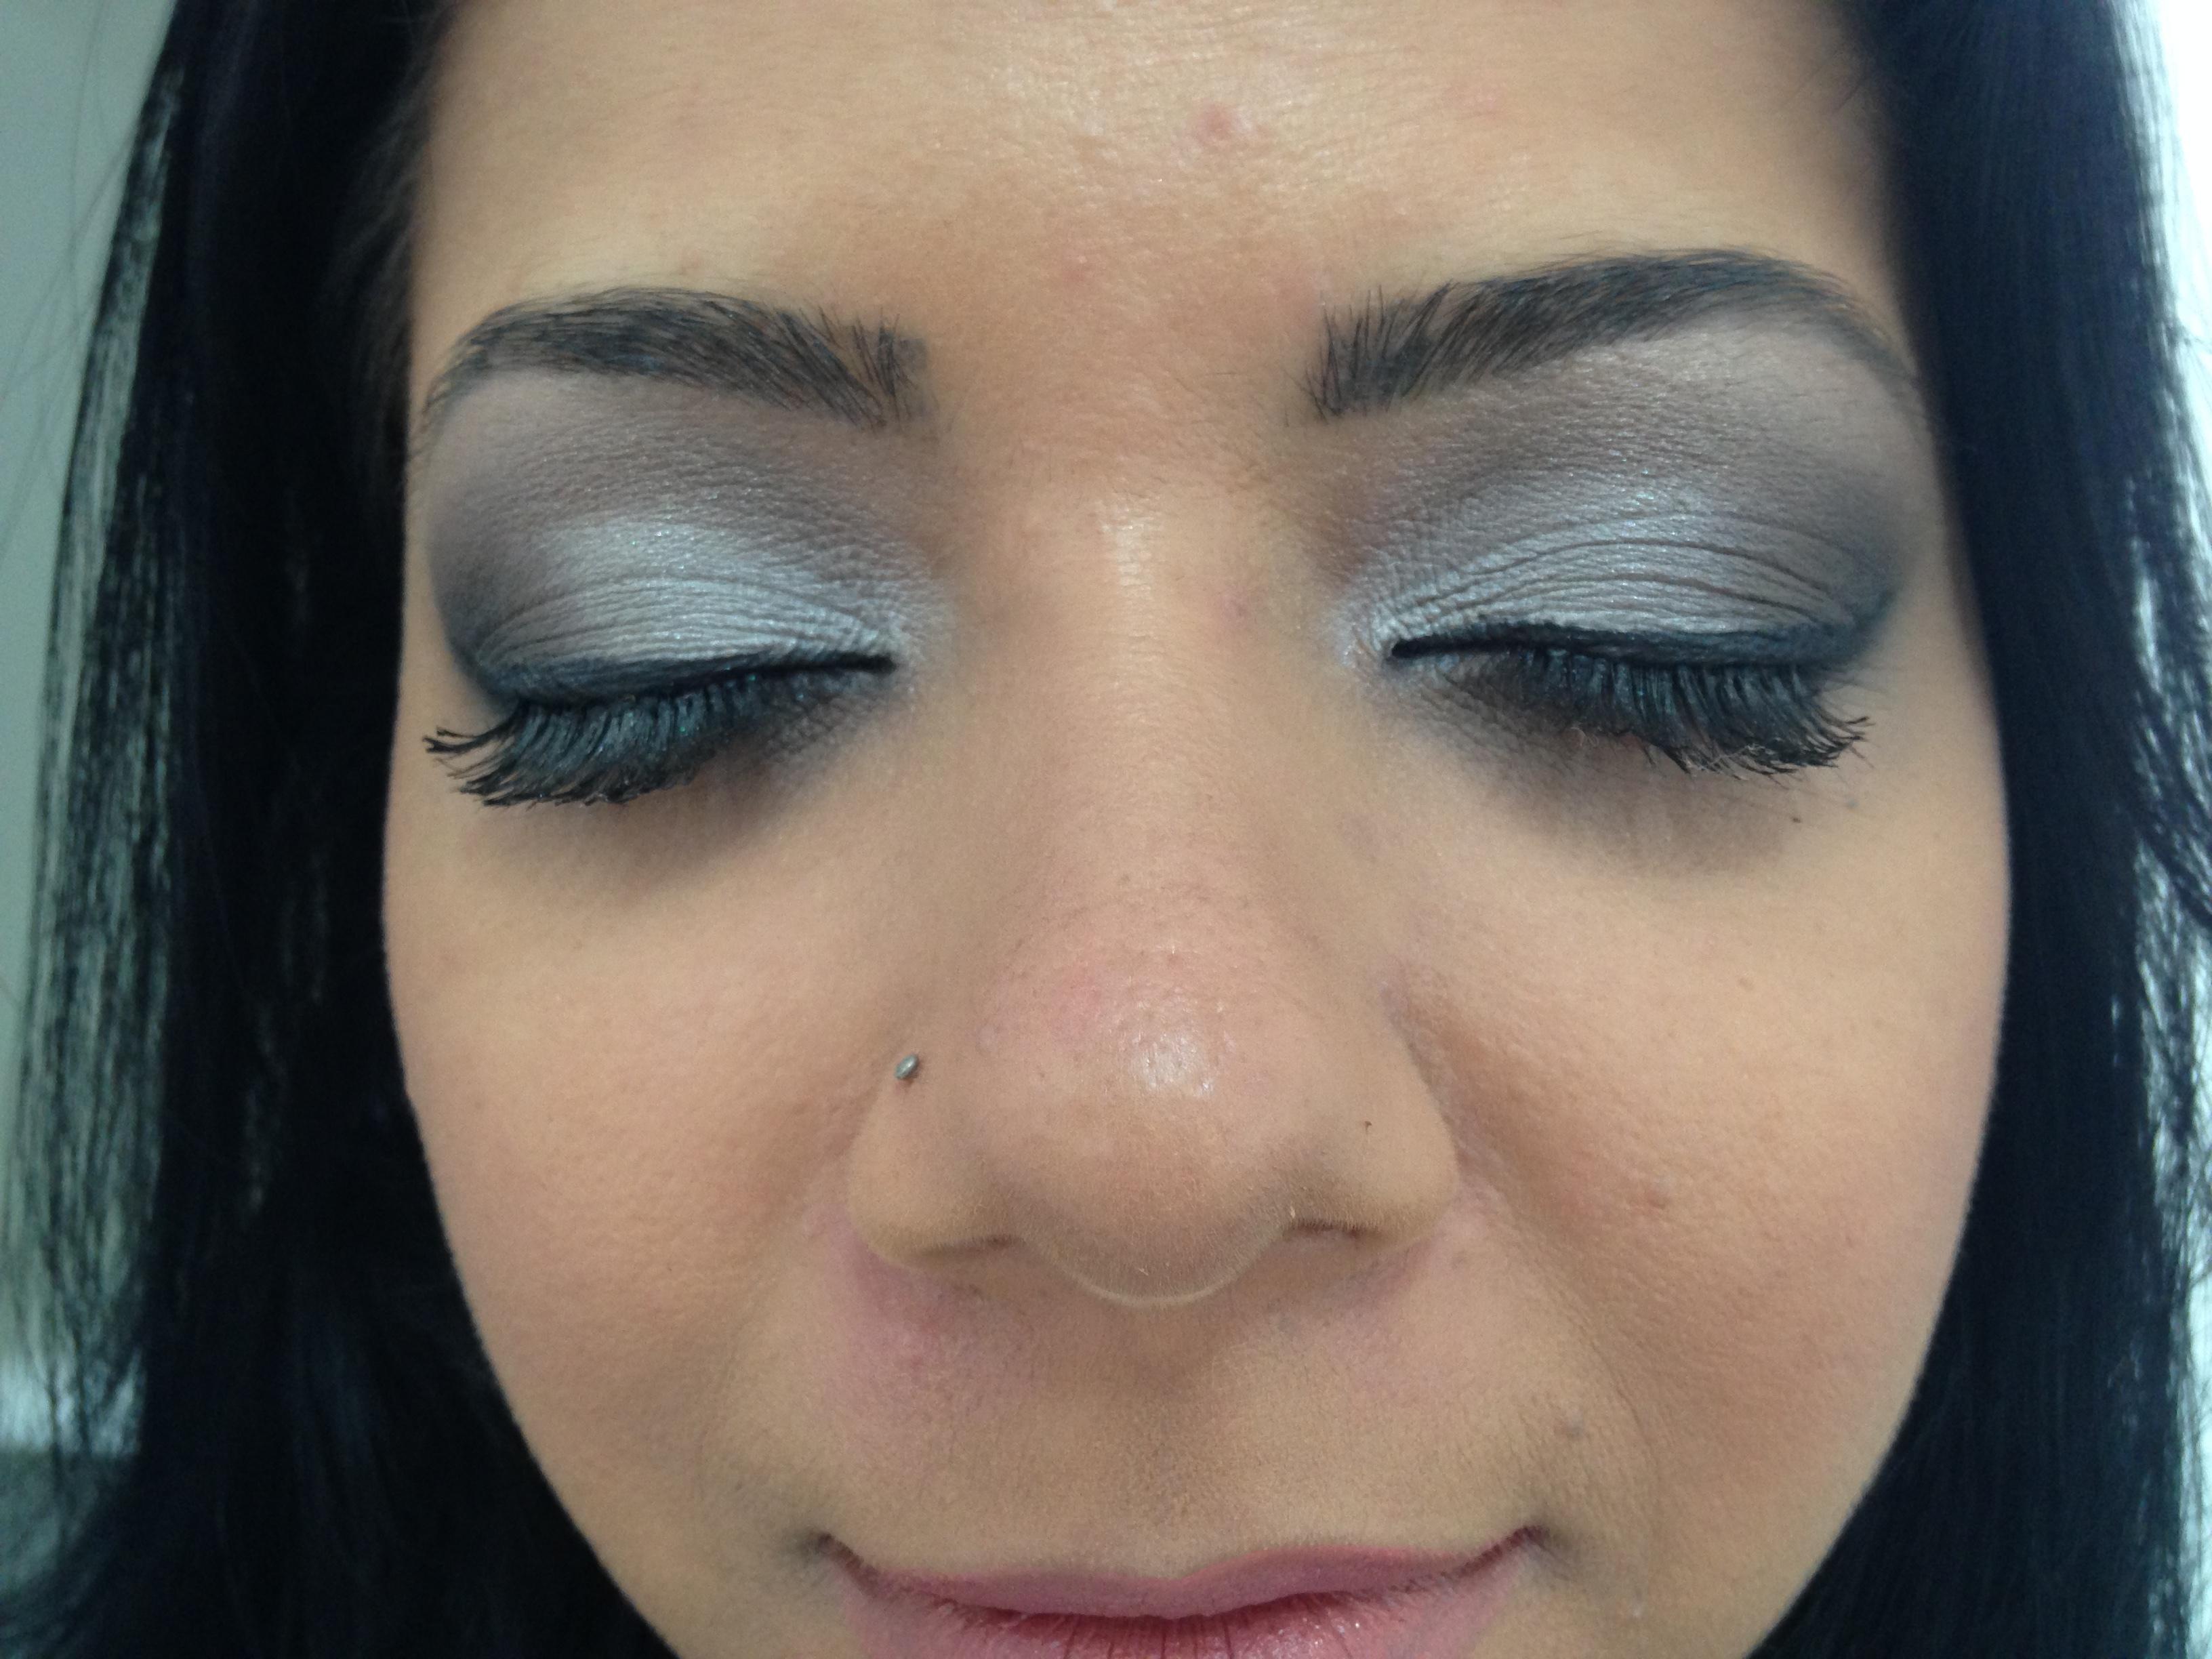 Maquiagem social #prata #preto #maquiagem #lovemakeup  maquiagem maquiador(a) esteticista